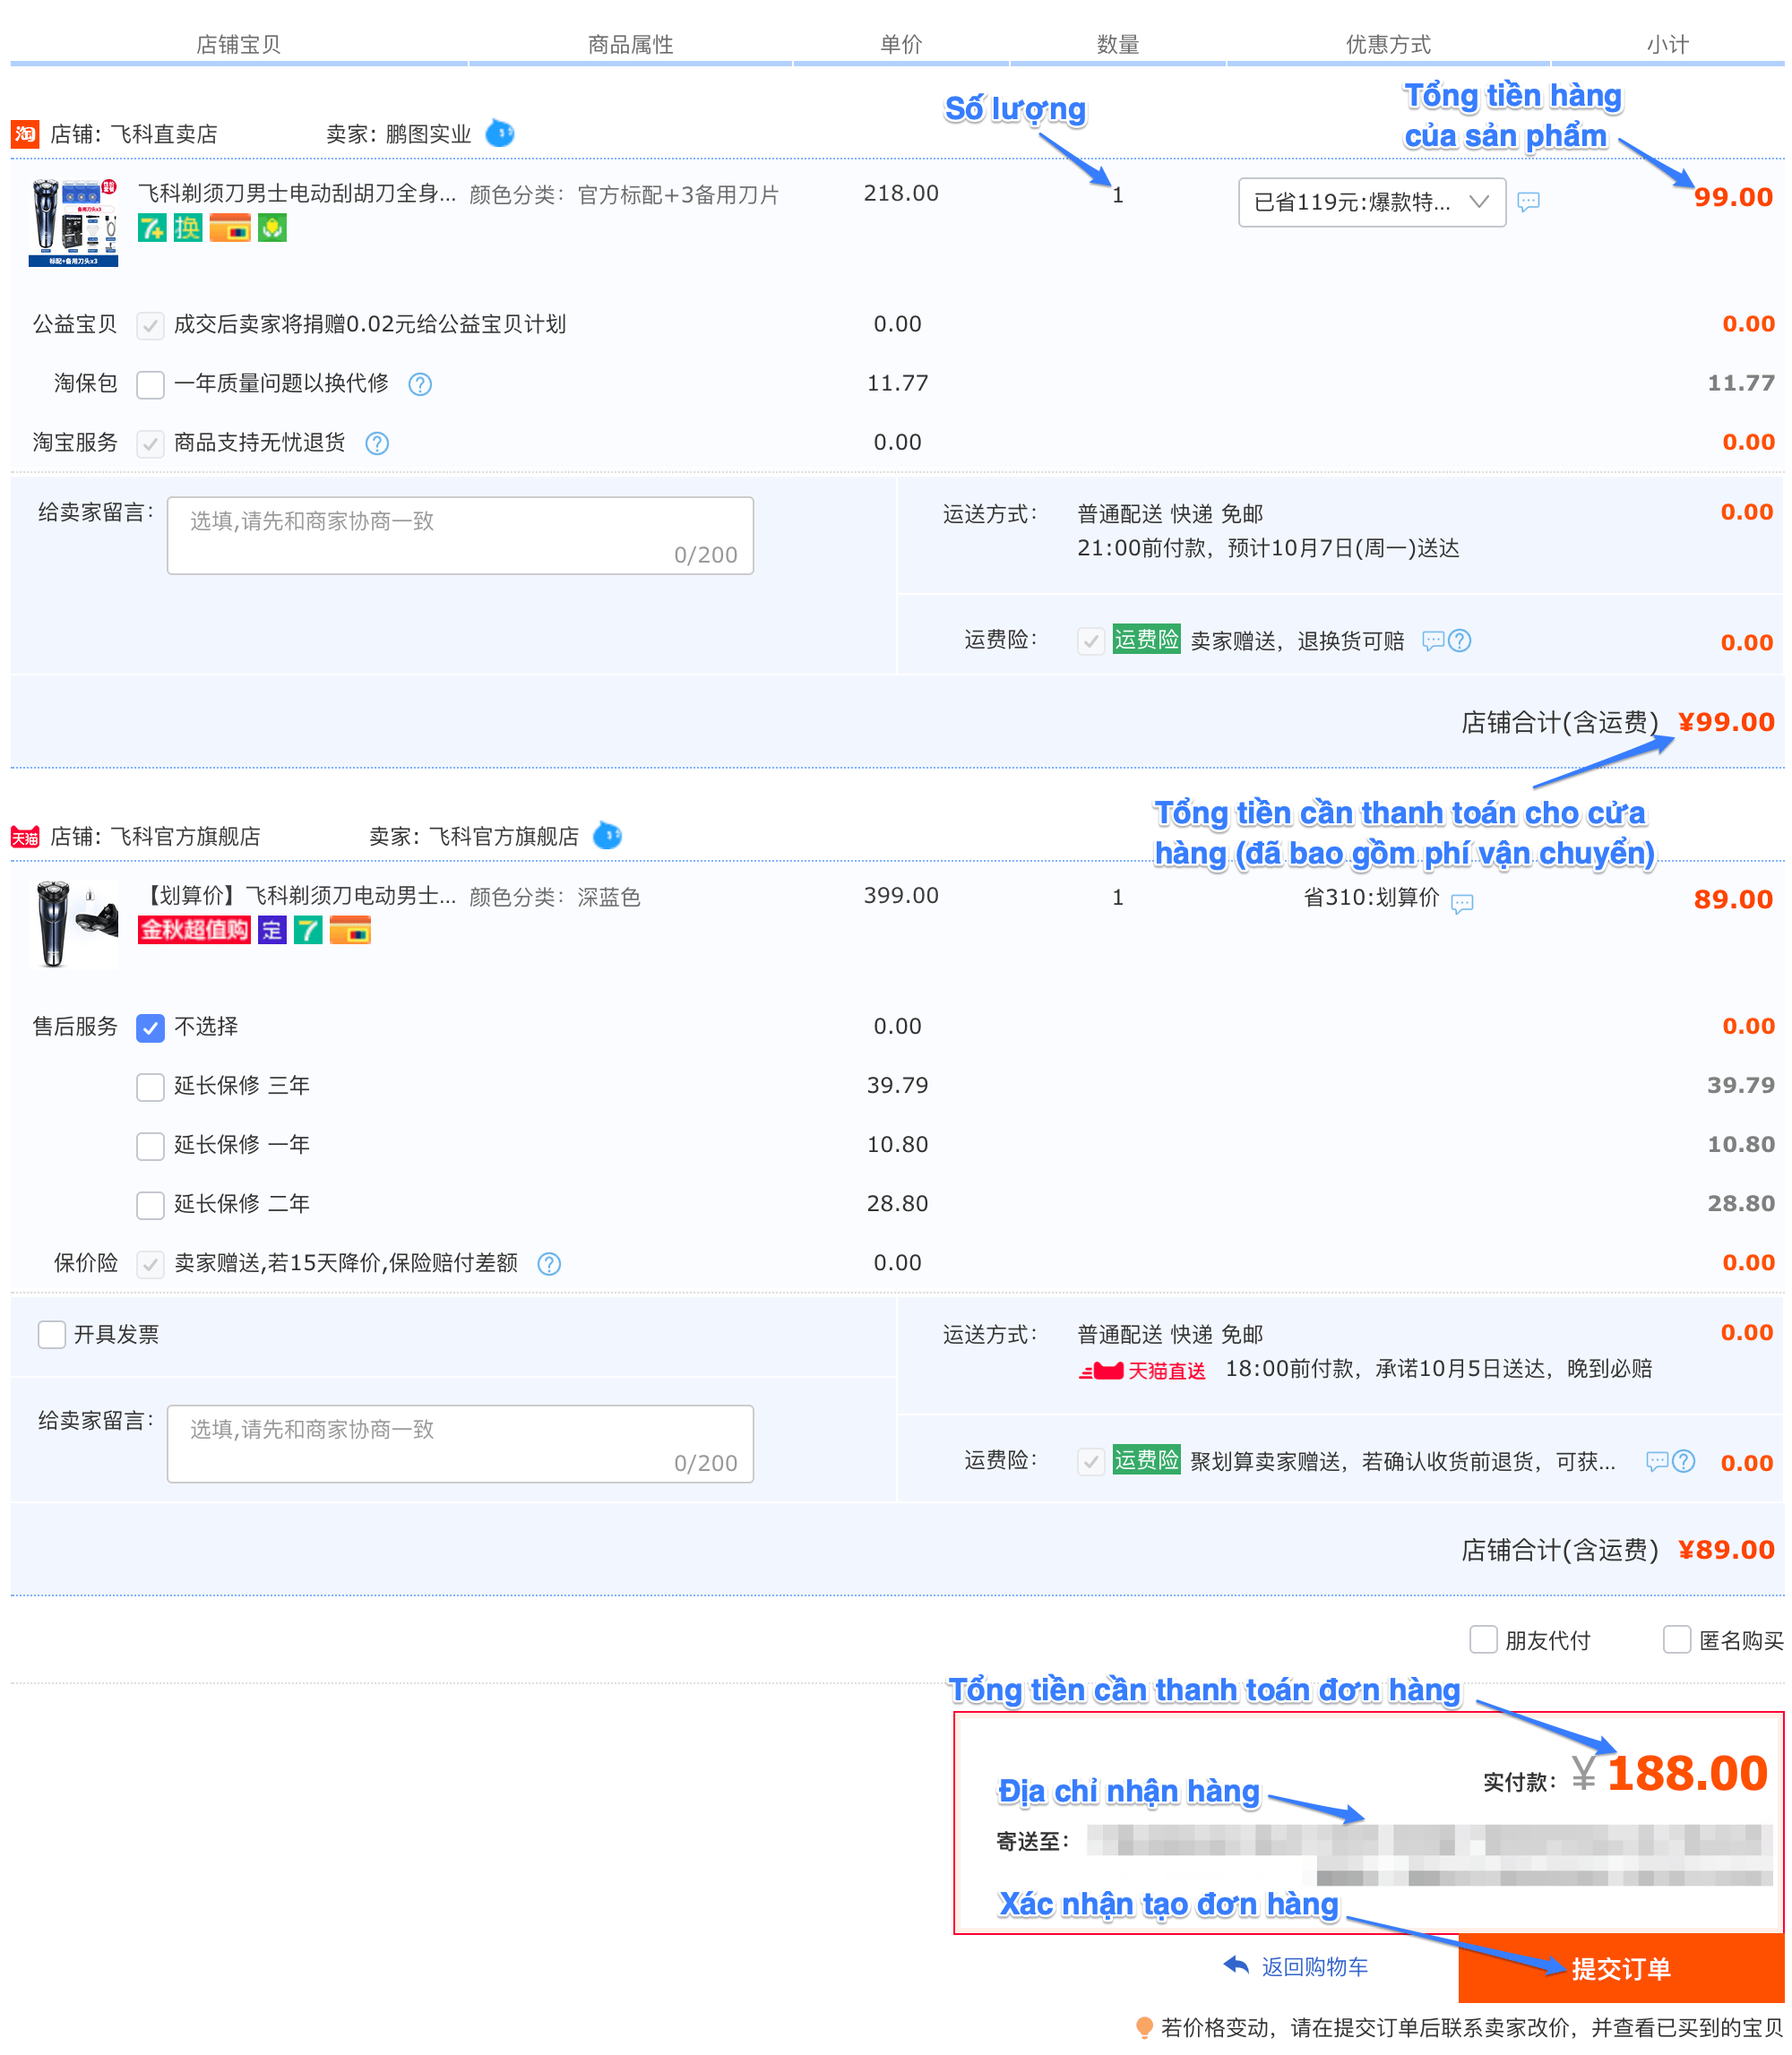 Tạo đơn hàng trên Taobao